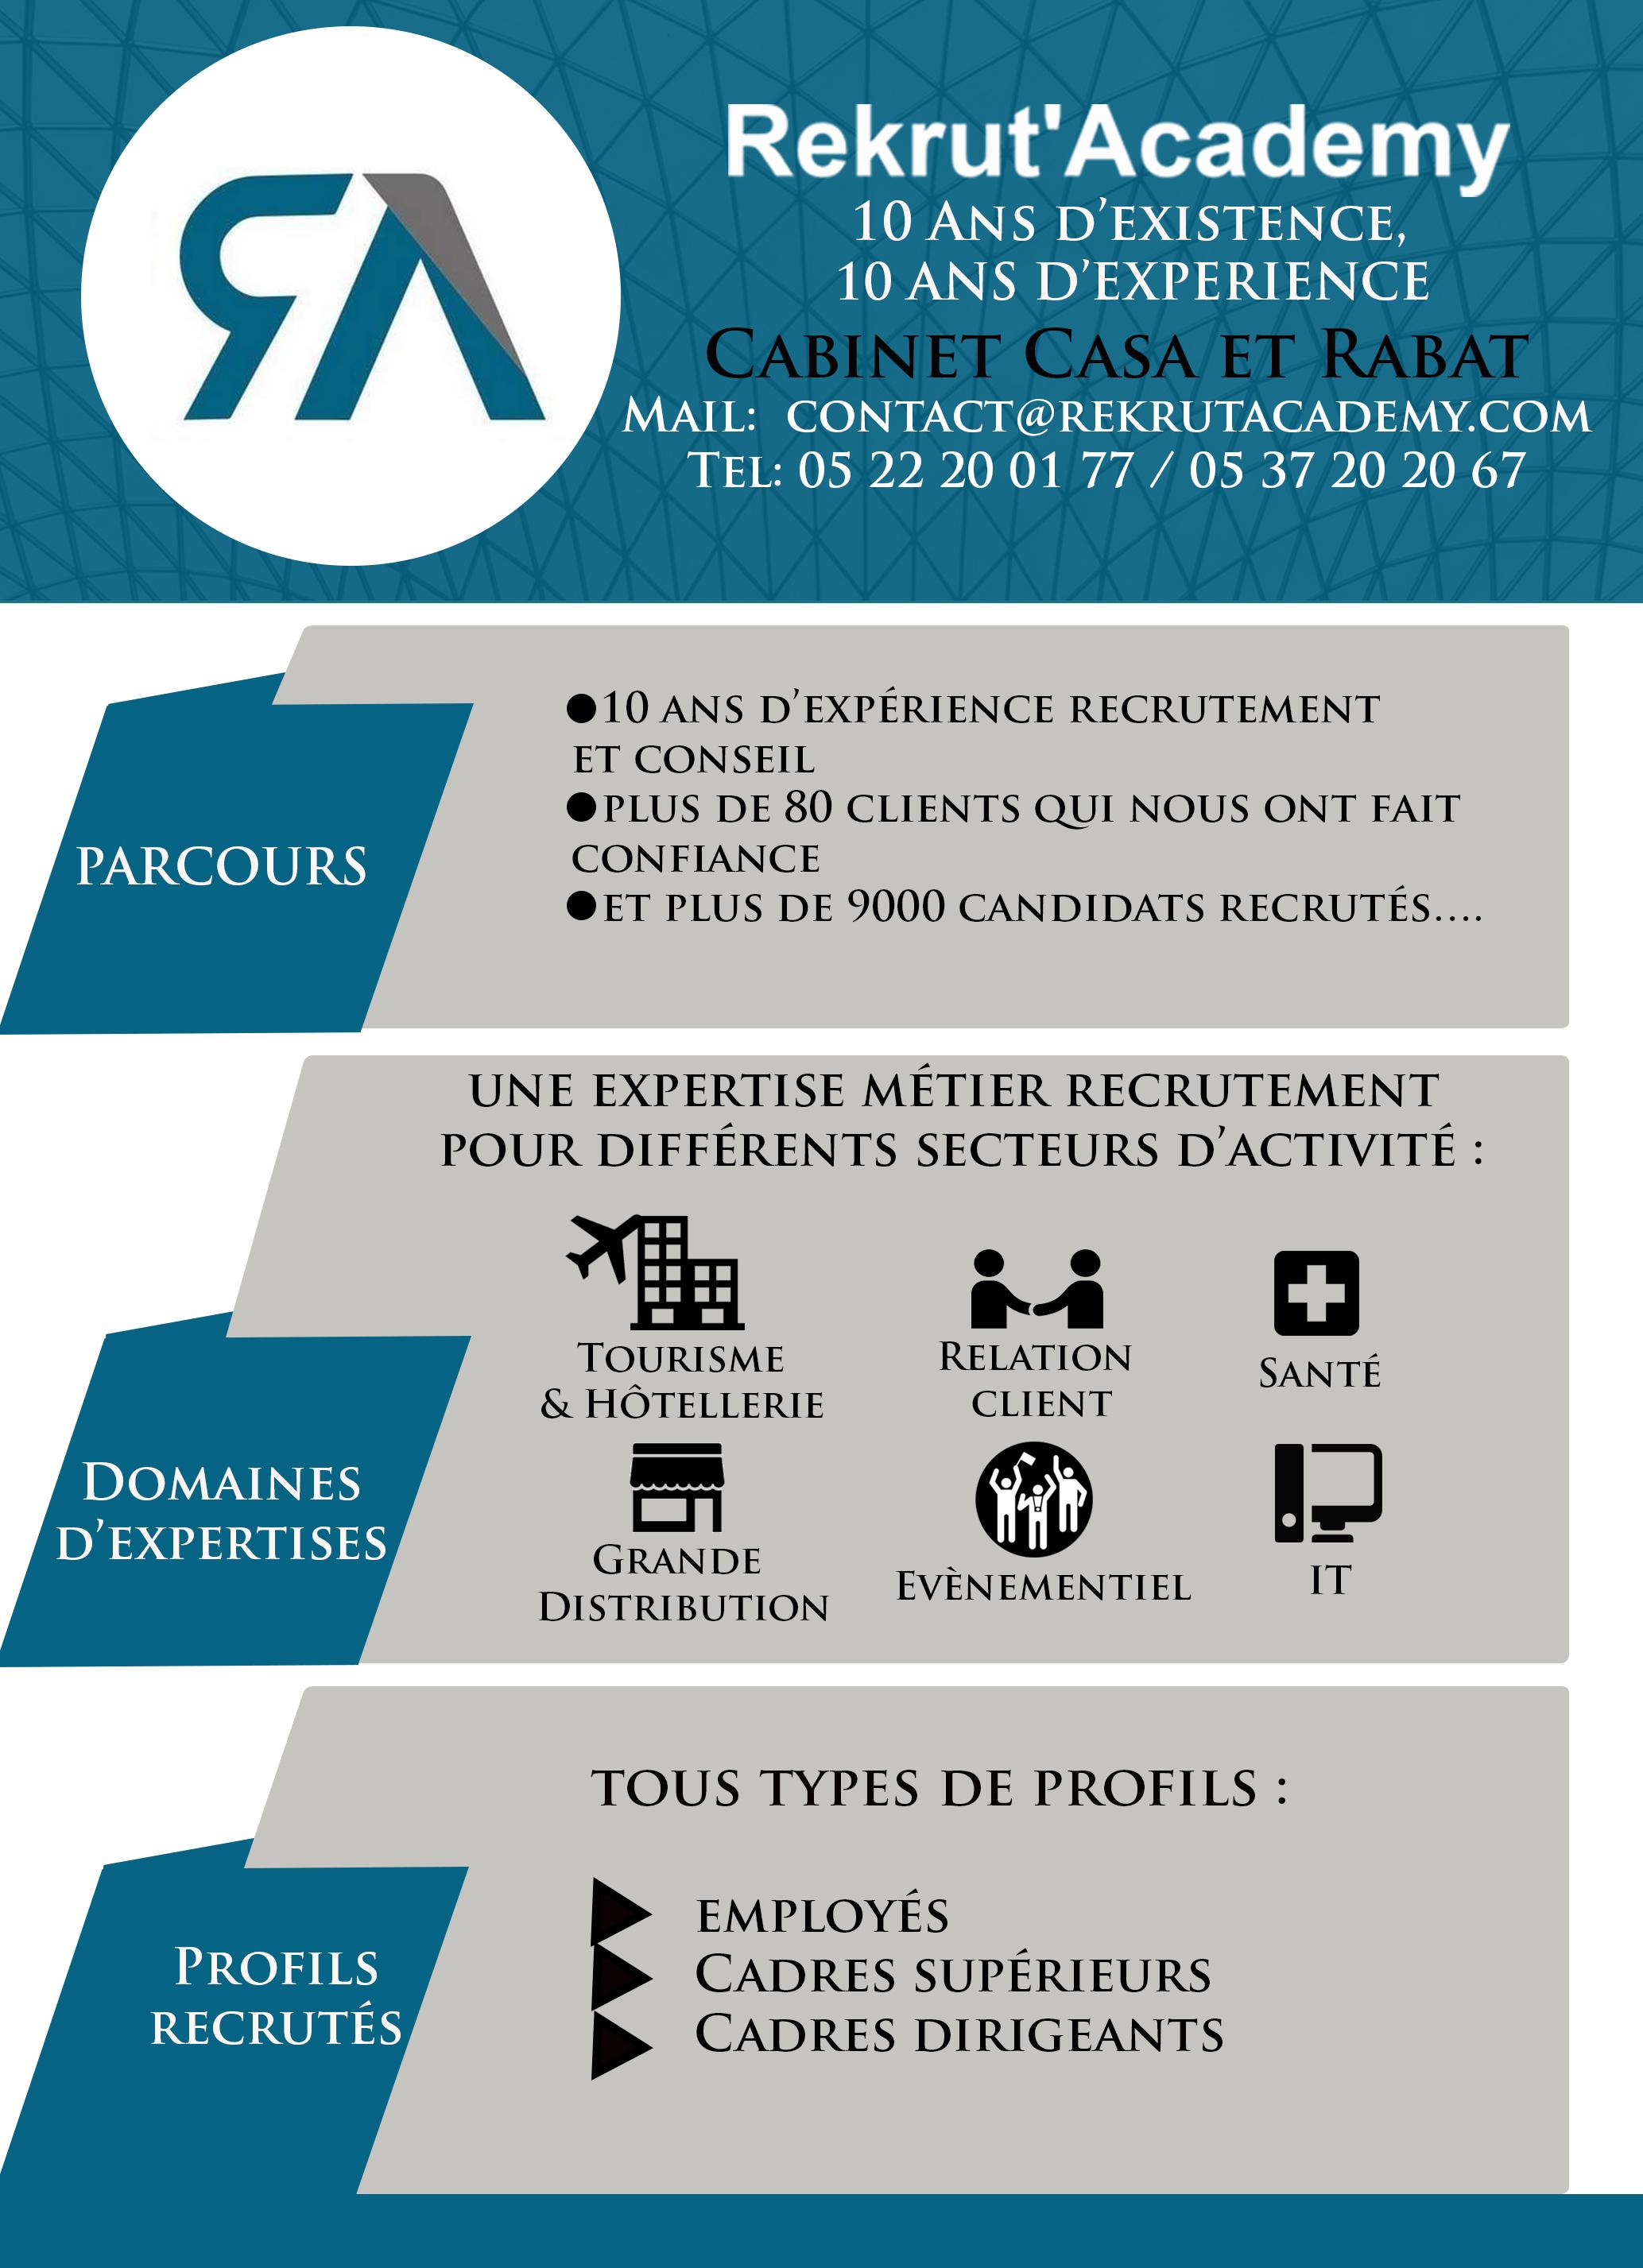 Rekrutacademy Cabinet de recrutement et de conseil RH maroc, Accédez aux offres d'emploi de plus de 100 entreprises et cabinets de recrutement qui embauchent en Maroc.